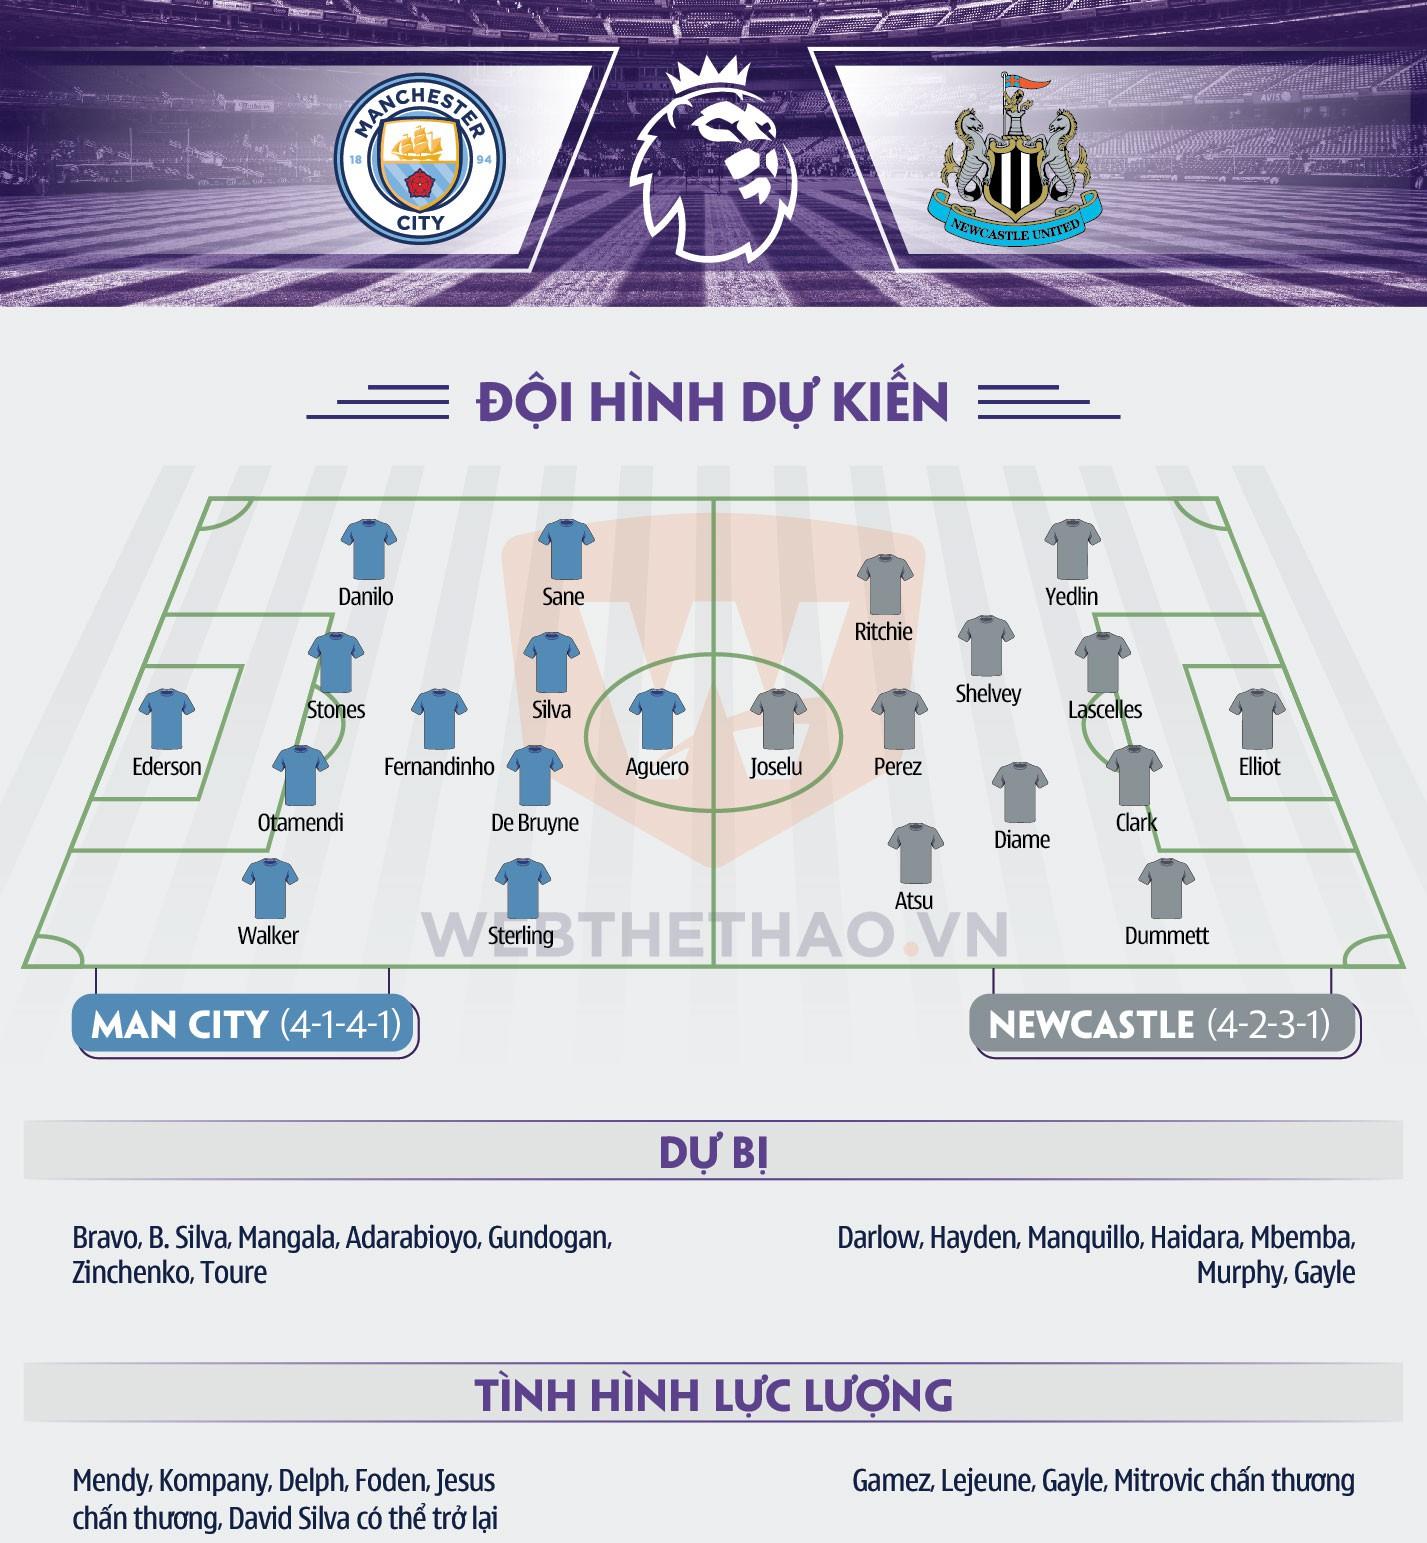 Hình ảnh: Thông tin đội hình Man City - Newcastle